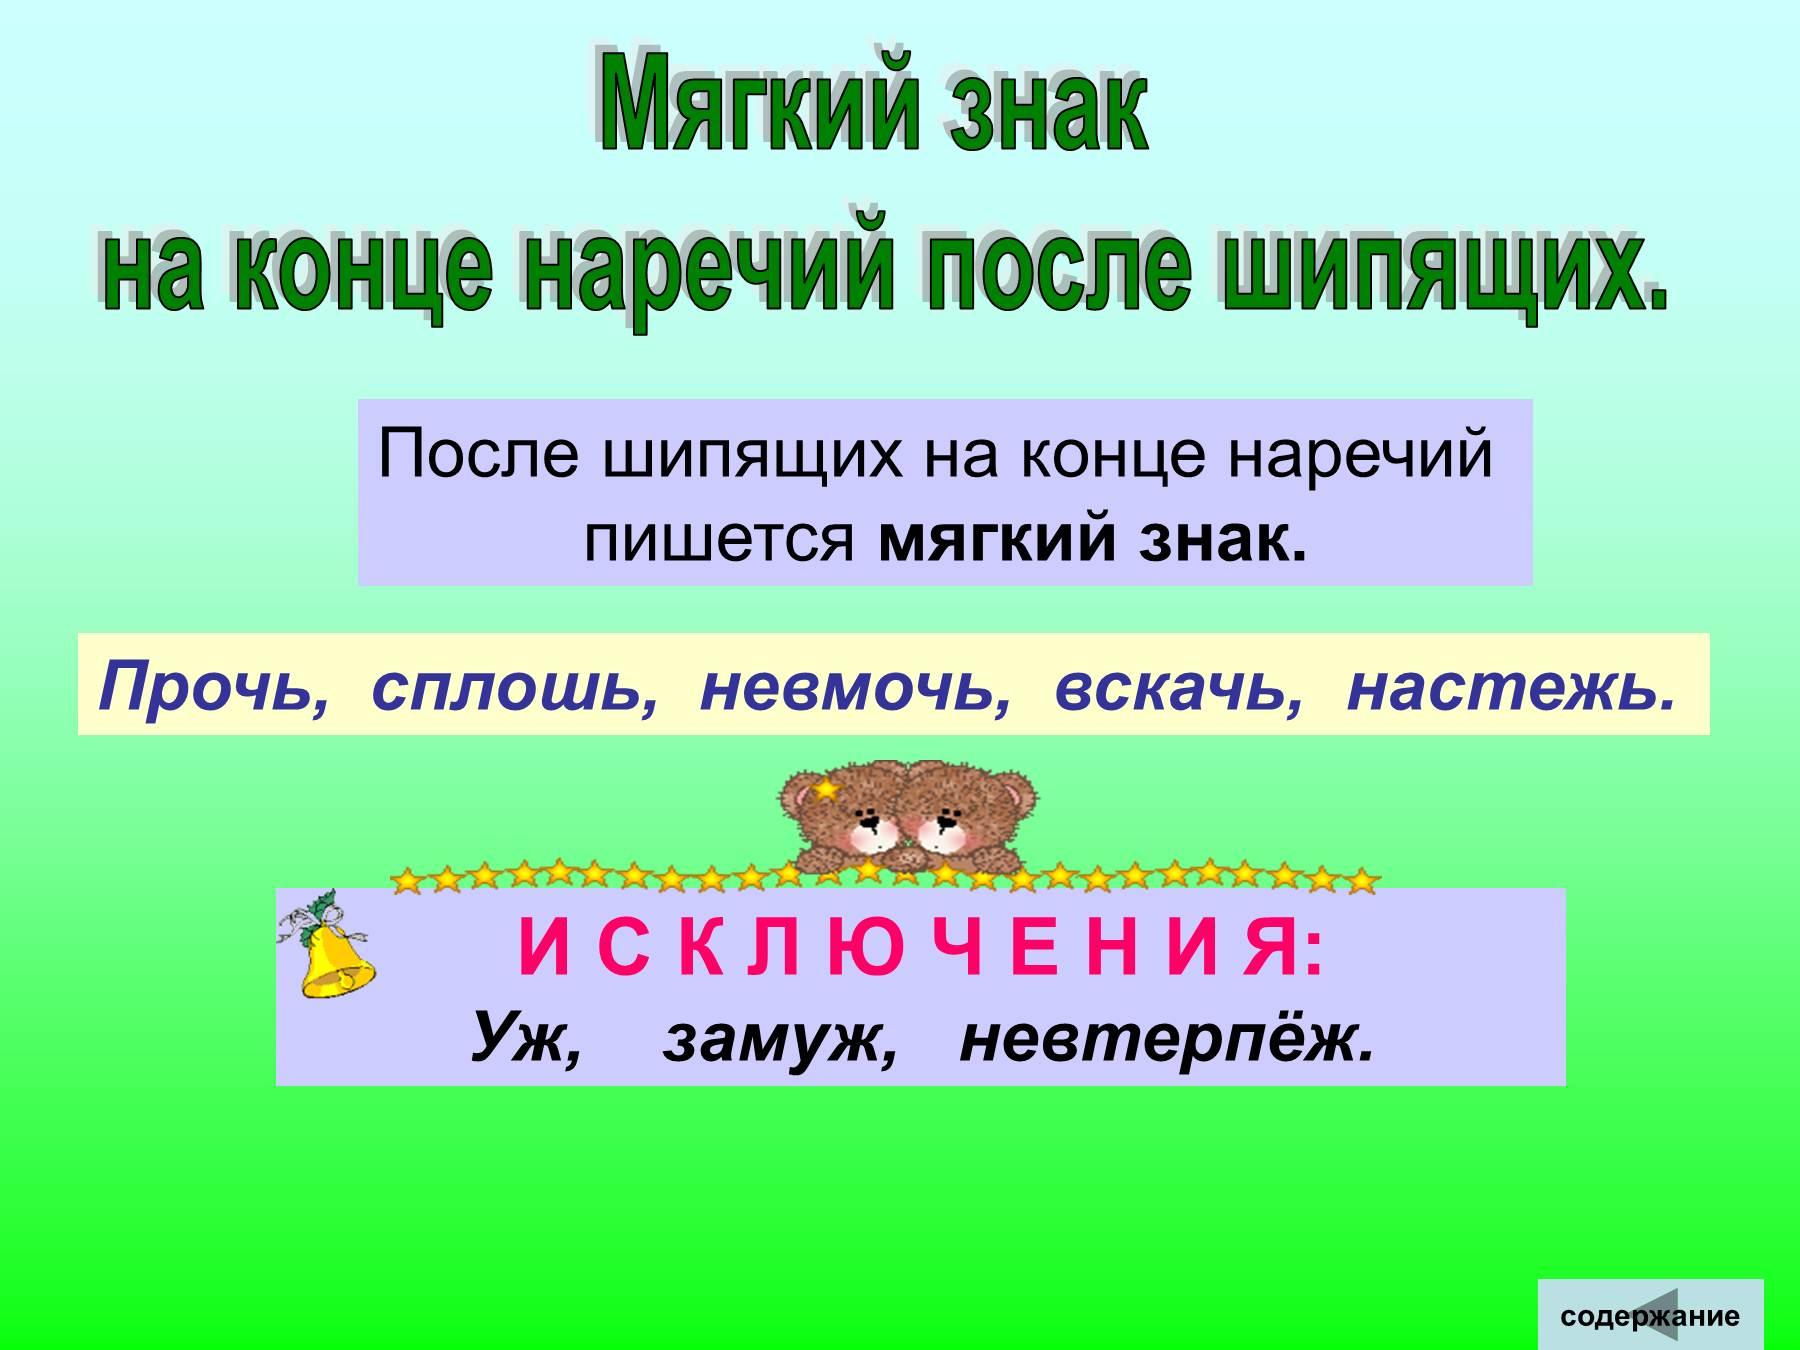 Подготовка к ЕГЭ по русскому языку: методика и технологии. Как 51